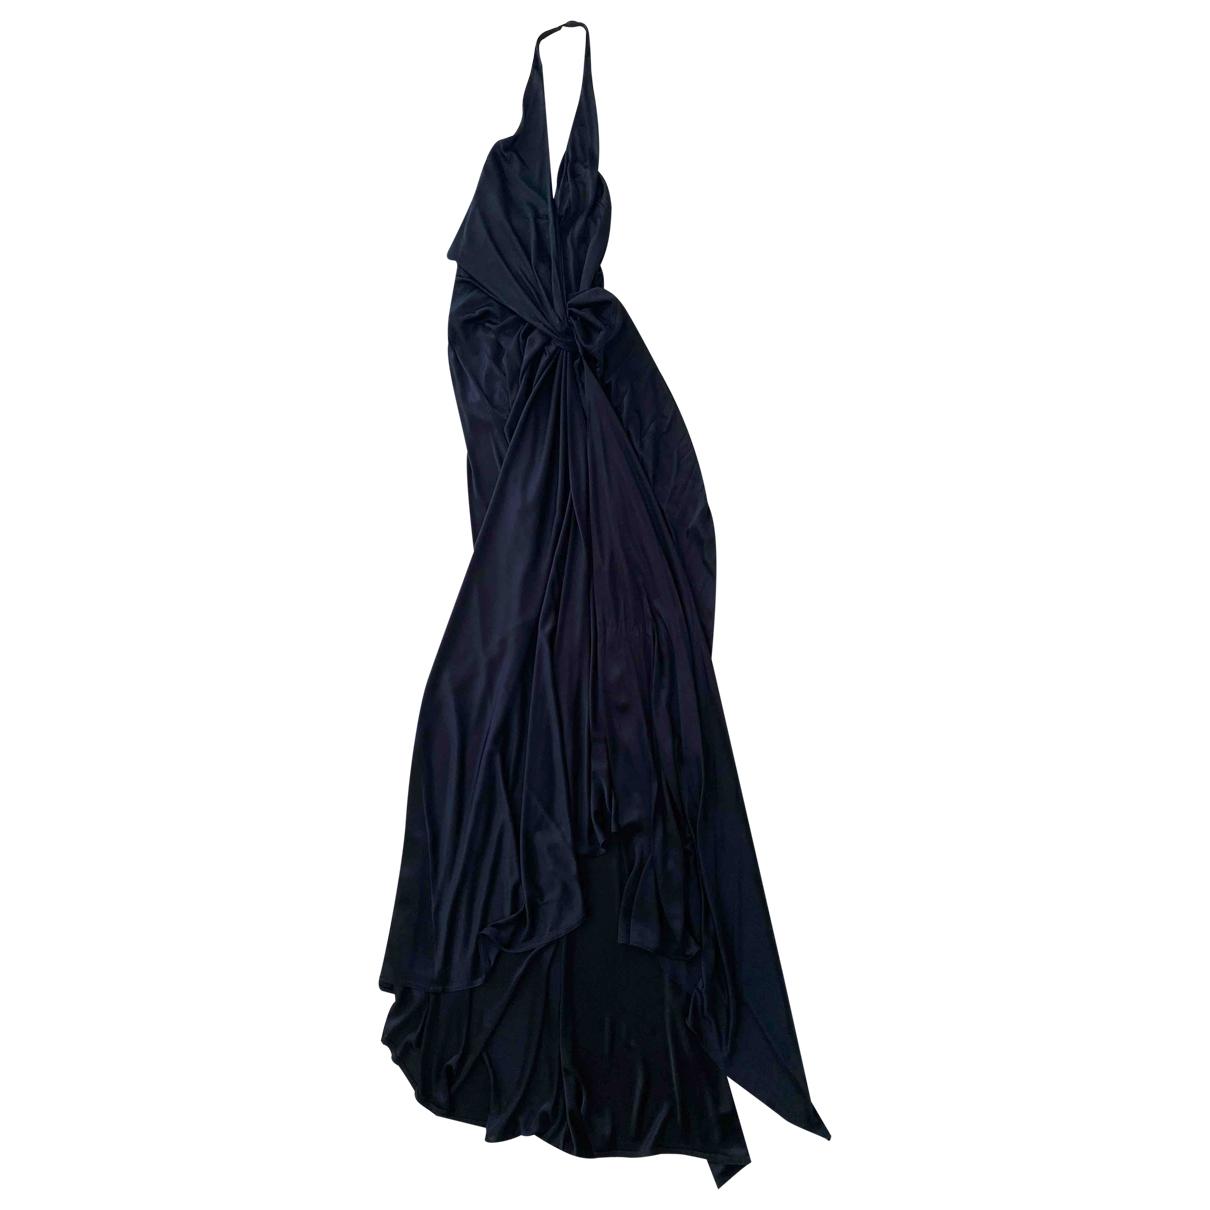 Gianni Versace \N Black dress for Women 36 FR